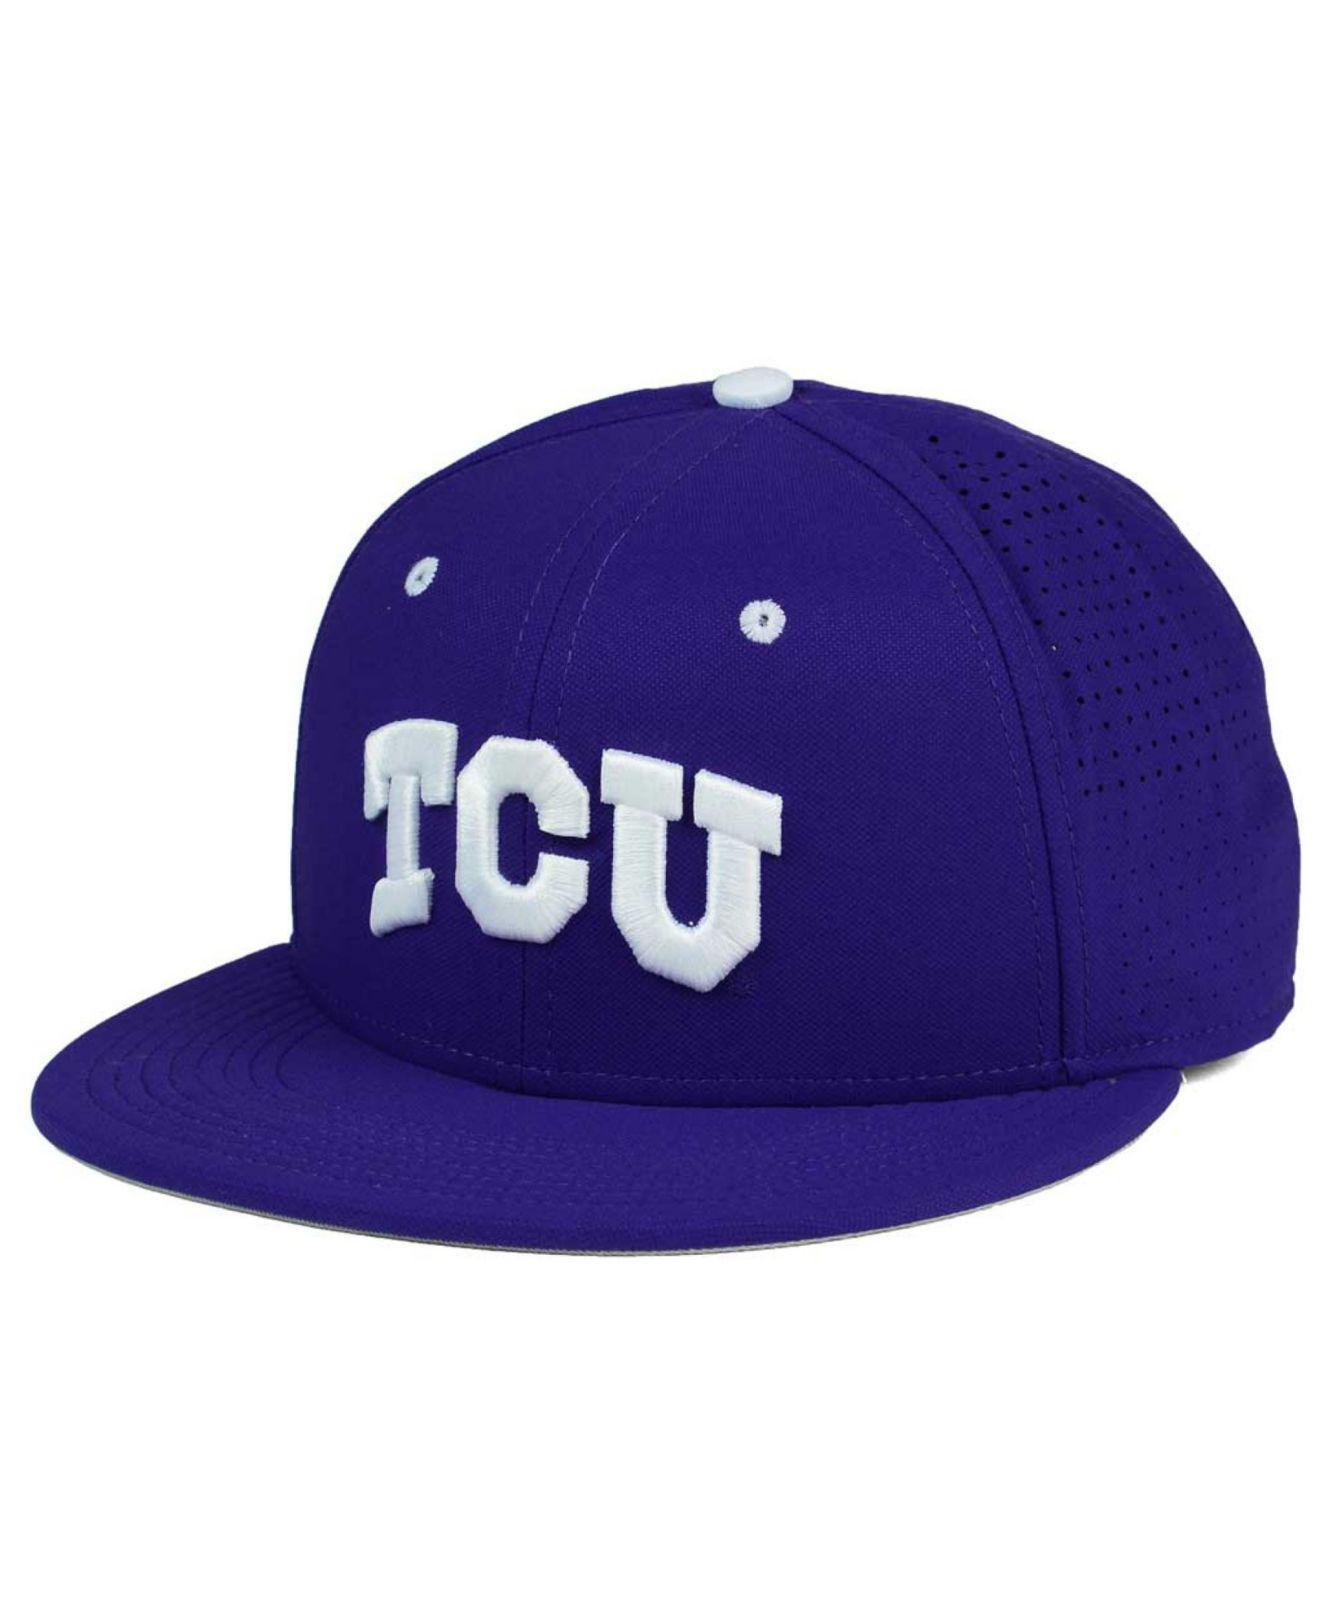 0826950070a Lyst - Nike Tcu Horned Frogs True Vapor Fitted Cap in Purple for Men ...